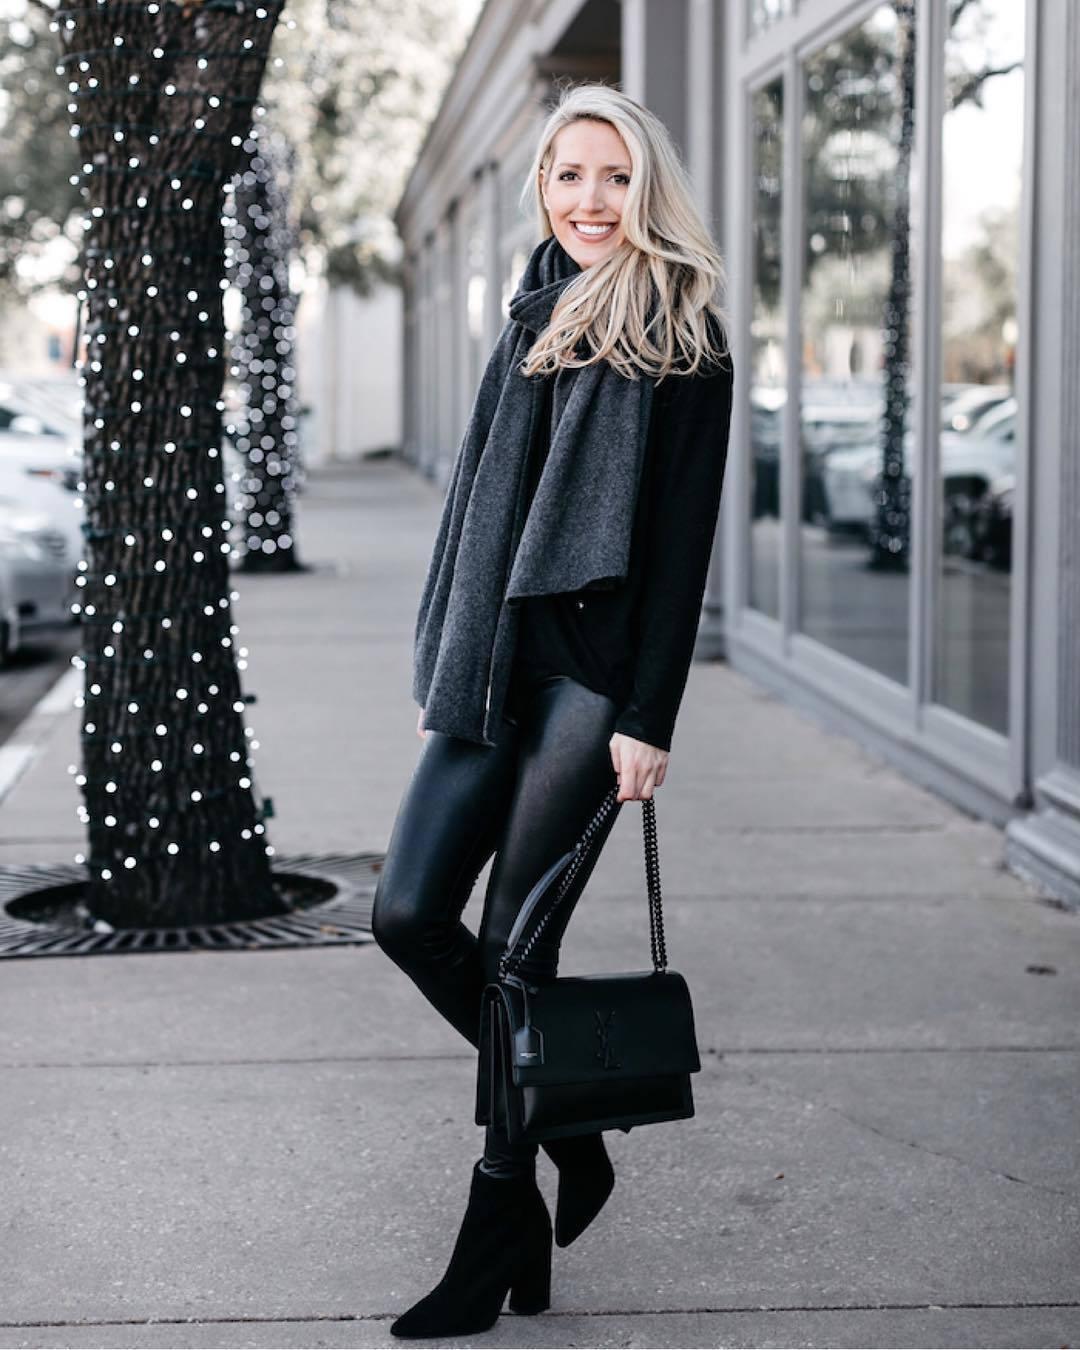 bag shoulder bag black boots ankle boots black leggings black sweater scarf saint laurent ysl bag